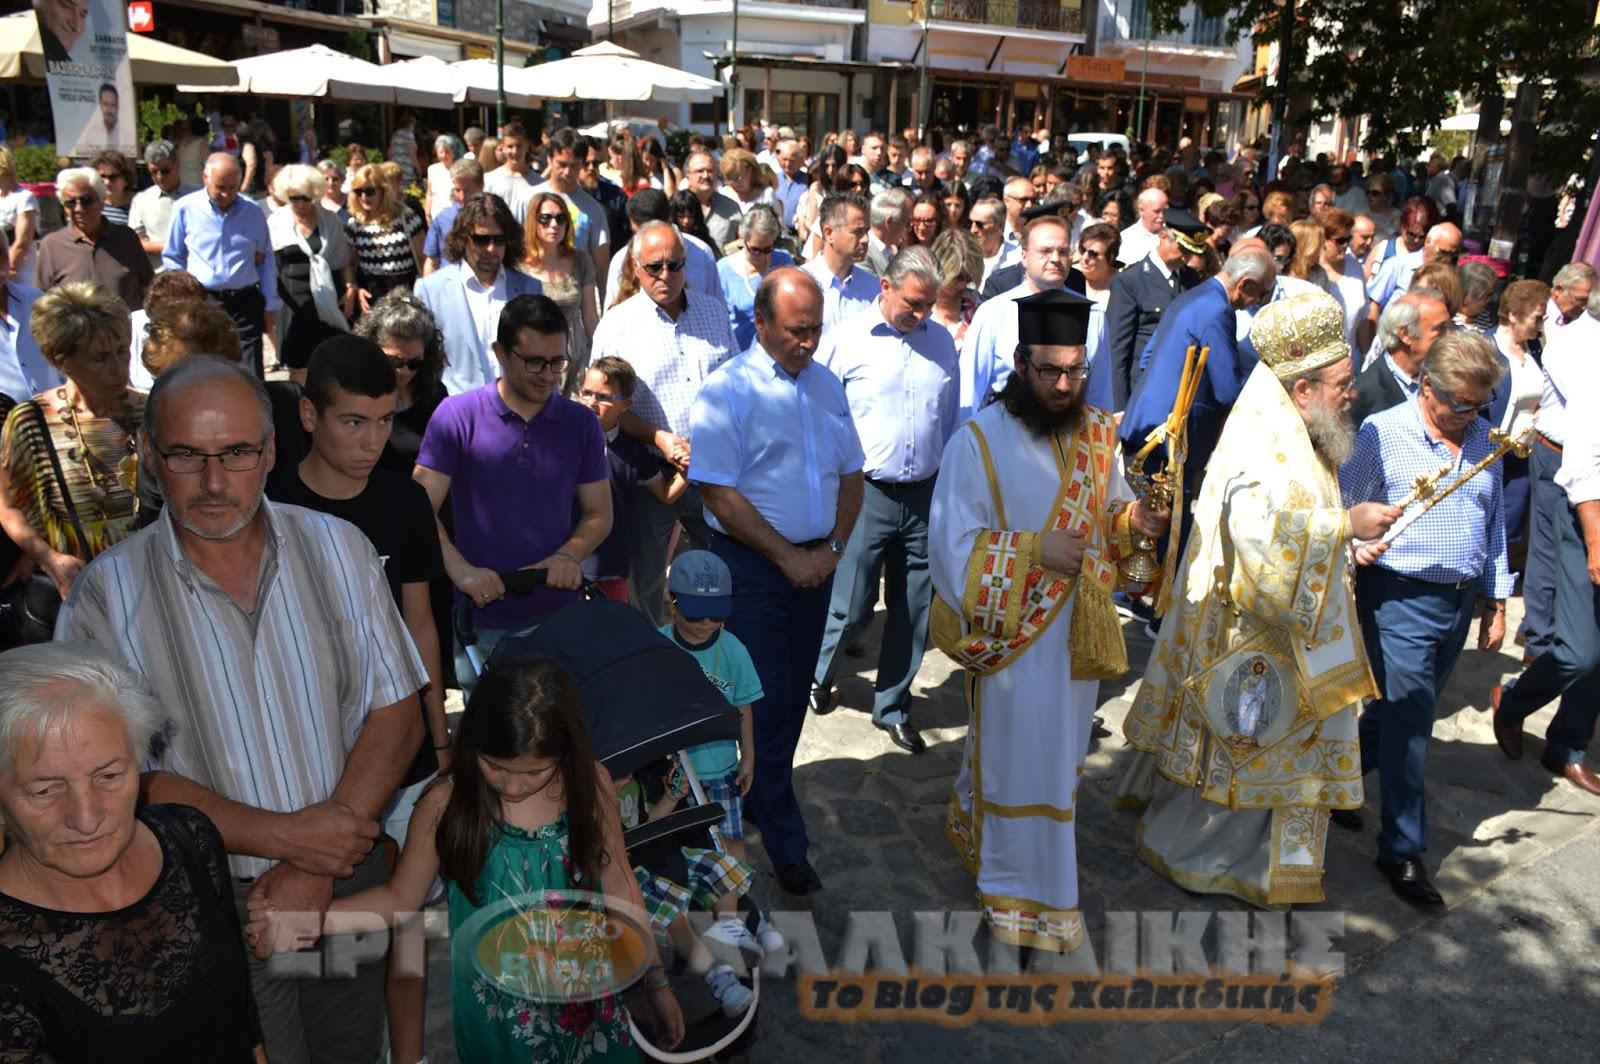 Λαμπρός και φέτος ο εορτασμός των Αγίων Αναργύρων στην Αρναία Χαλκιδικής